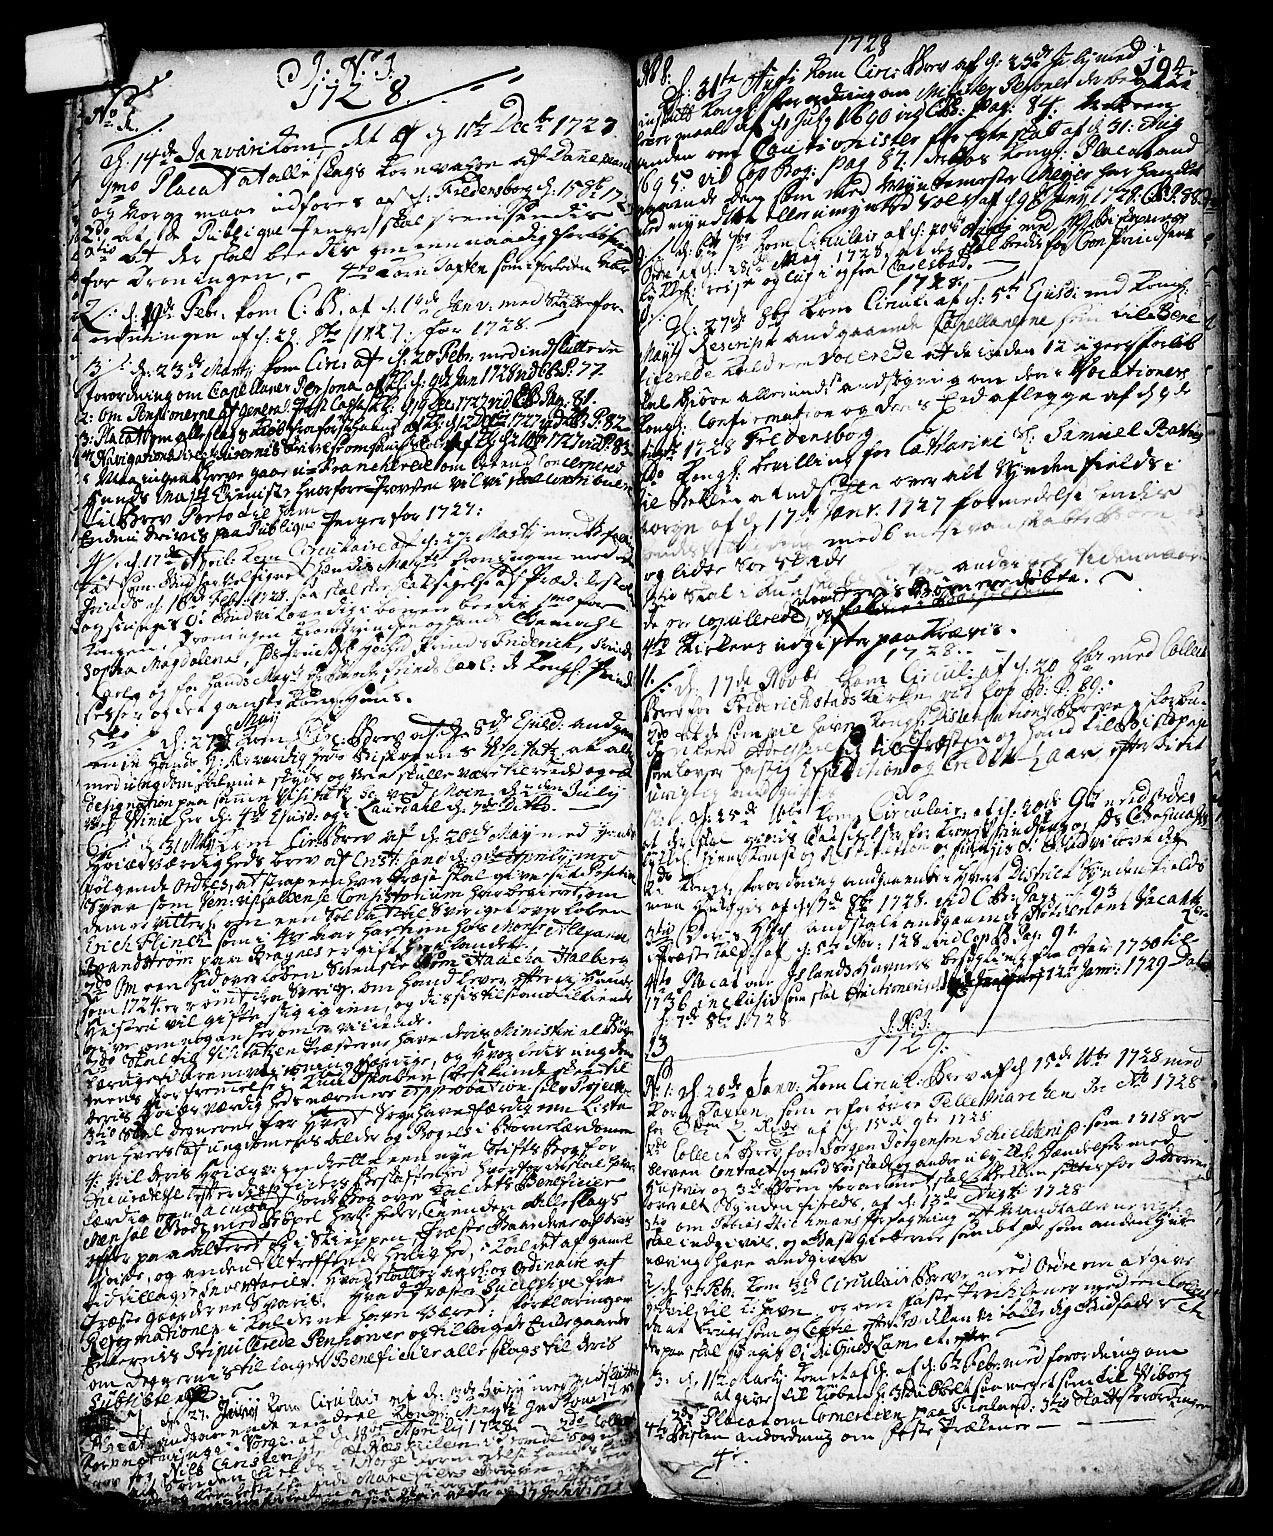 SAKO, Vinje kirkebøker, F/Fa/L0001: Ministerialbok nr. I 1, 1717-1766, s. 194